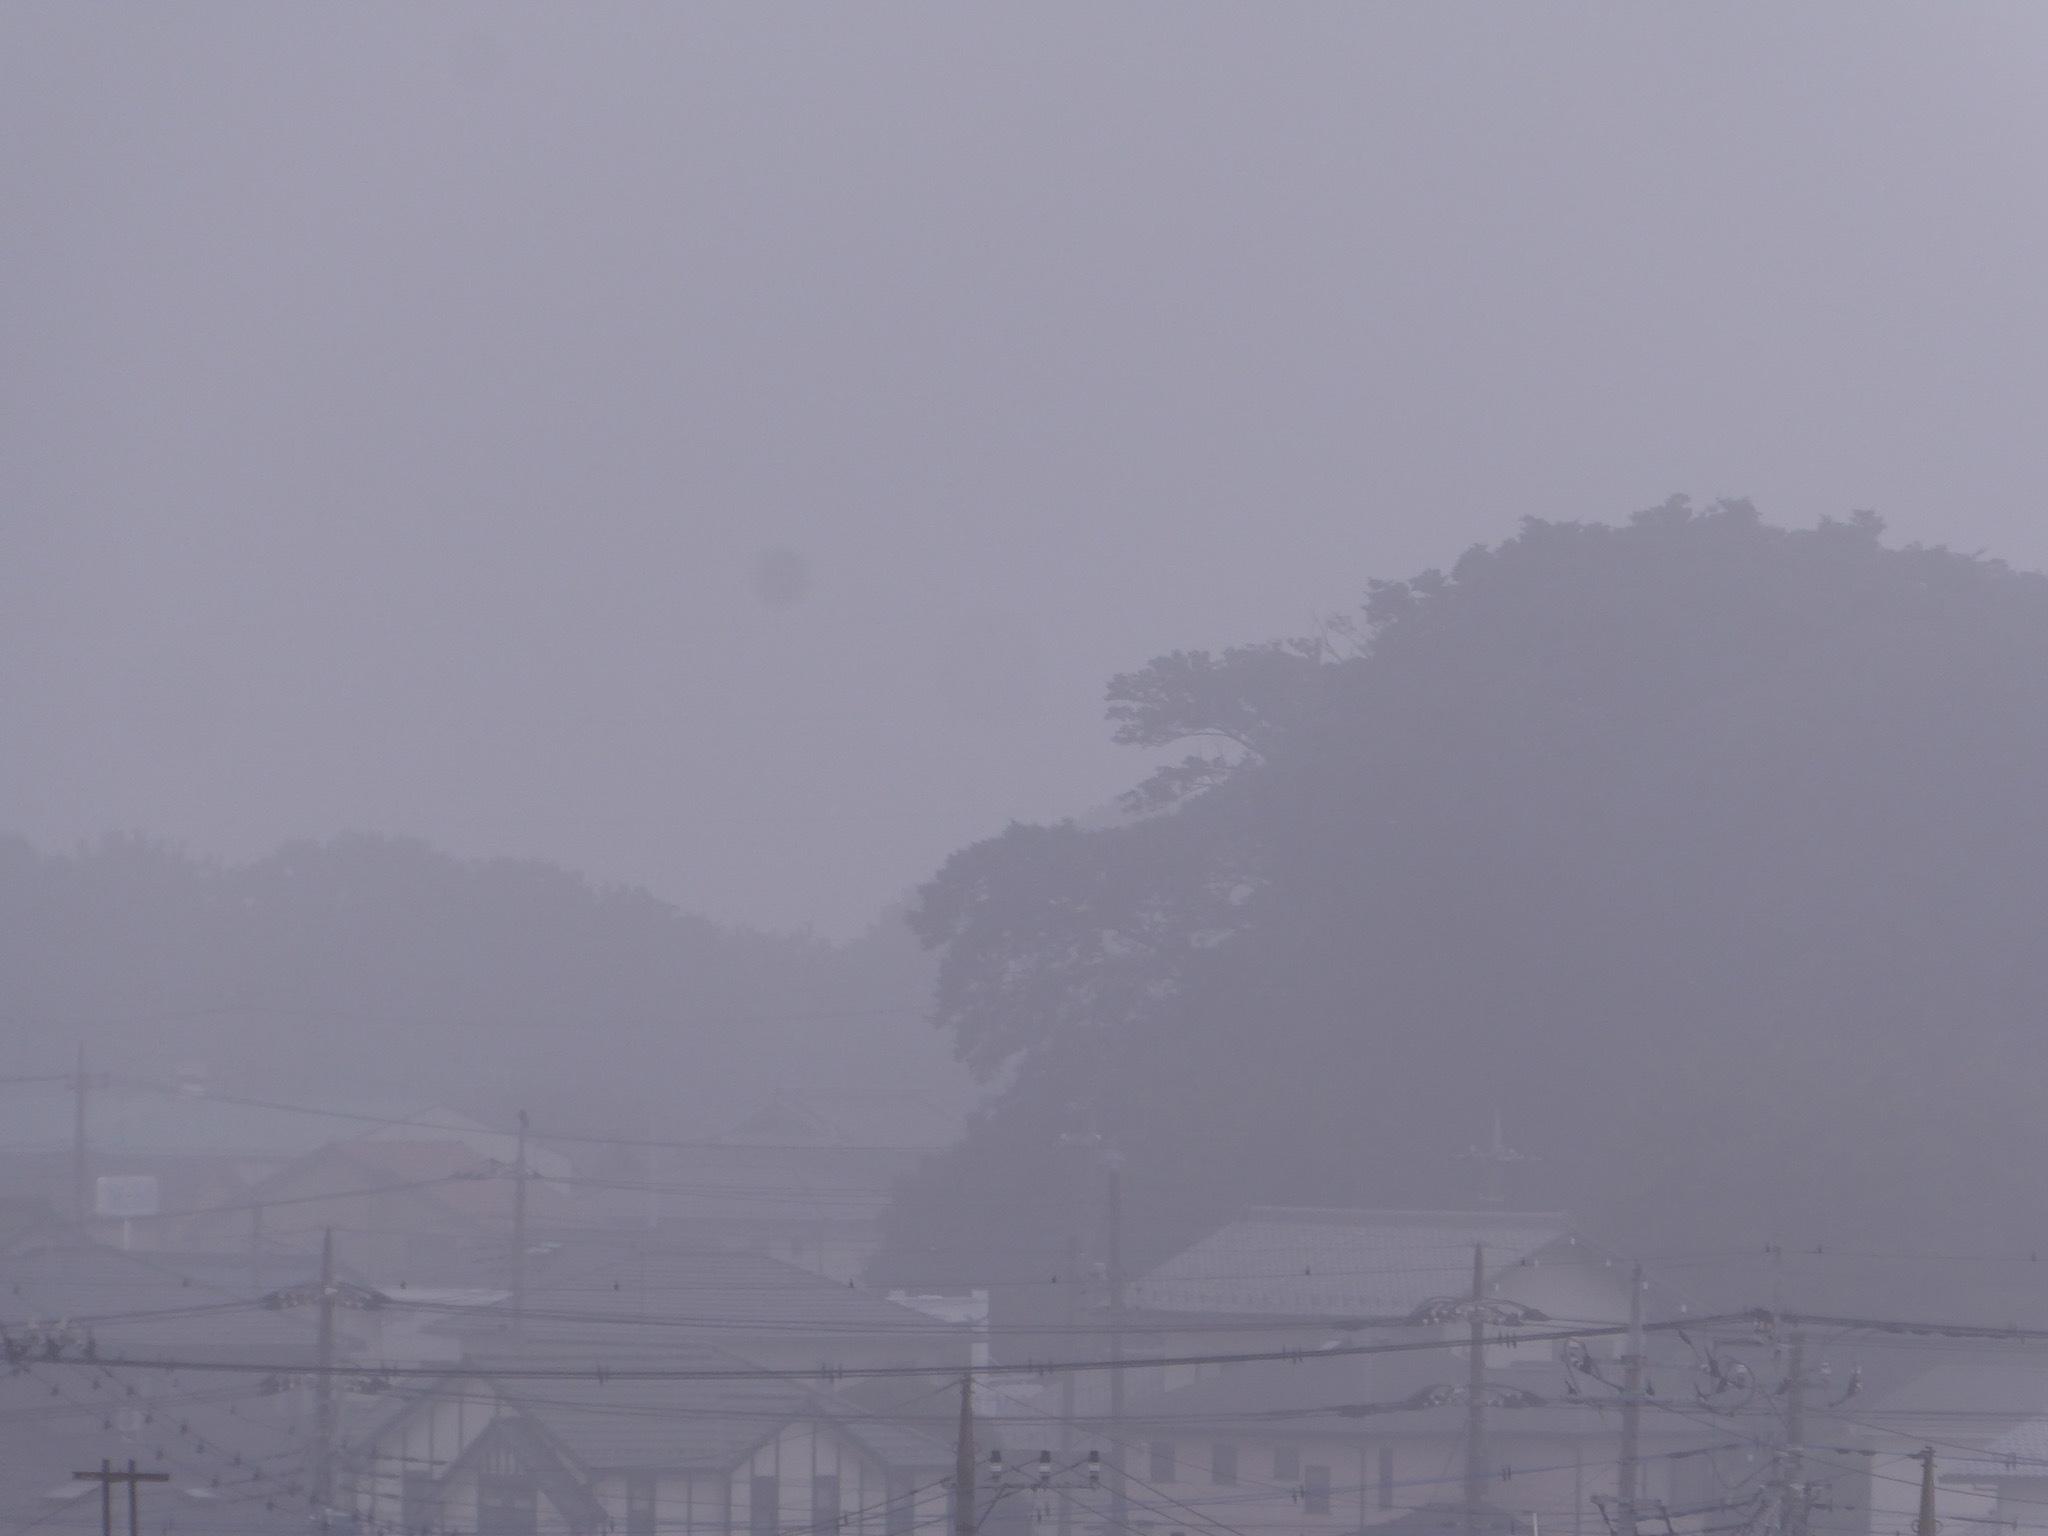 濃霧に出鼻をくじかれて_a0050728_10030077.jpeg